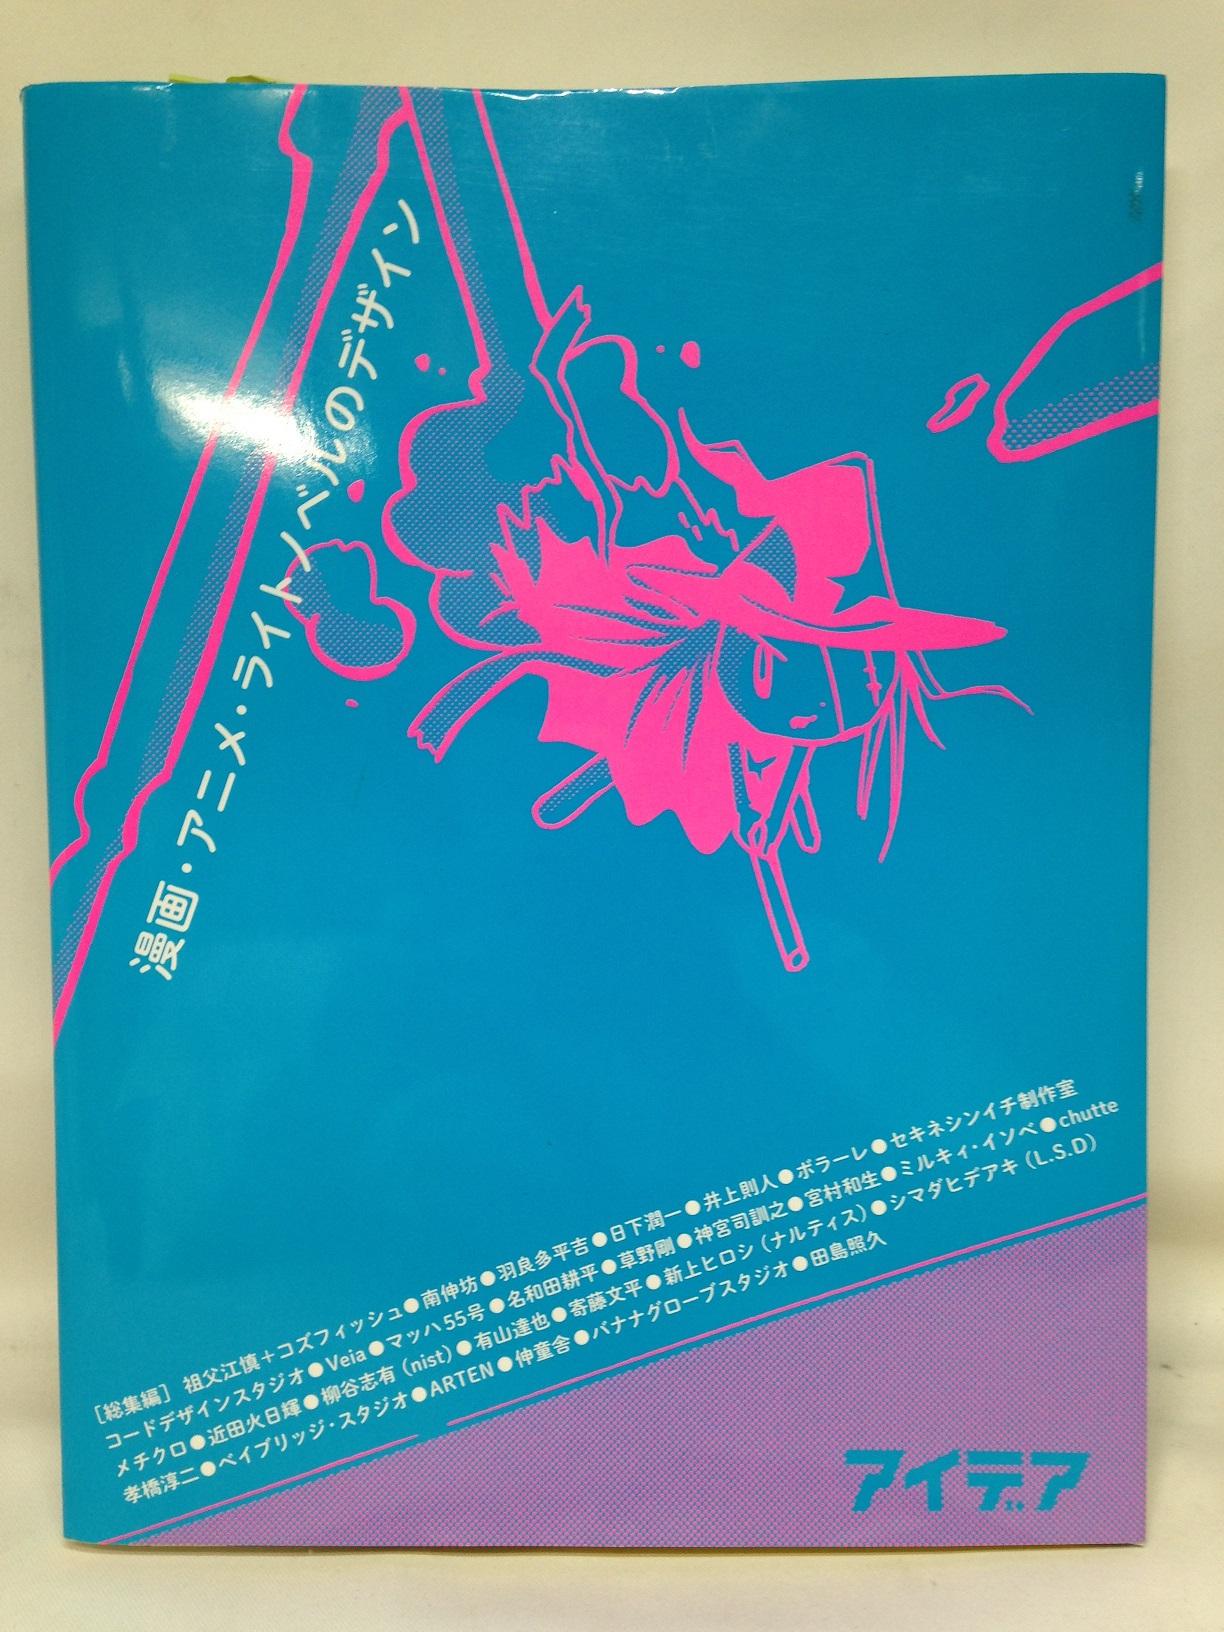 【特価本】漫画・アニメ・ライトノベルのデザイン Design of Manga,Anime & Light Novel画像